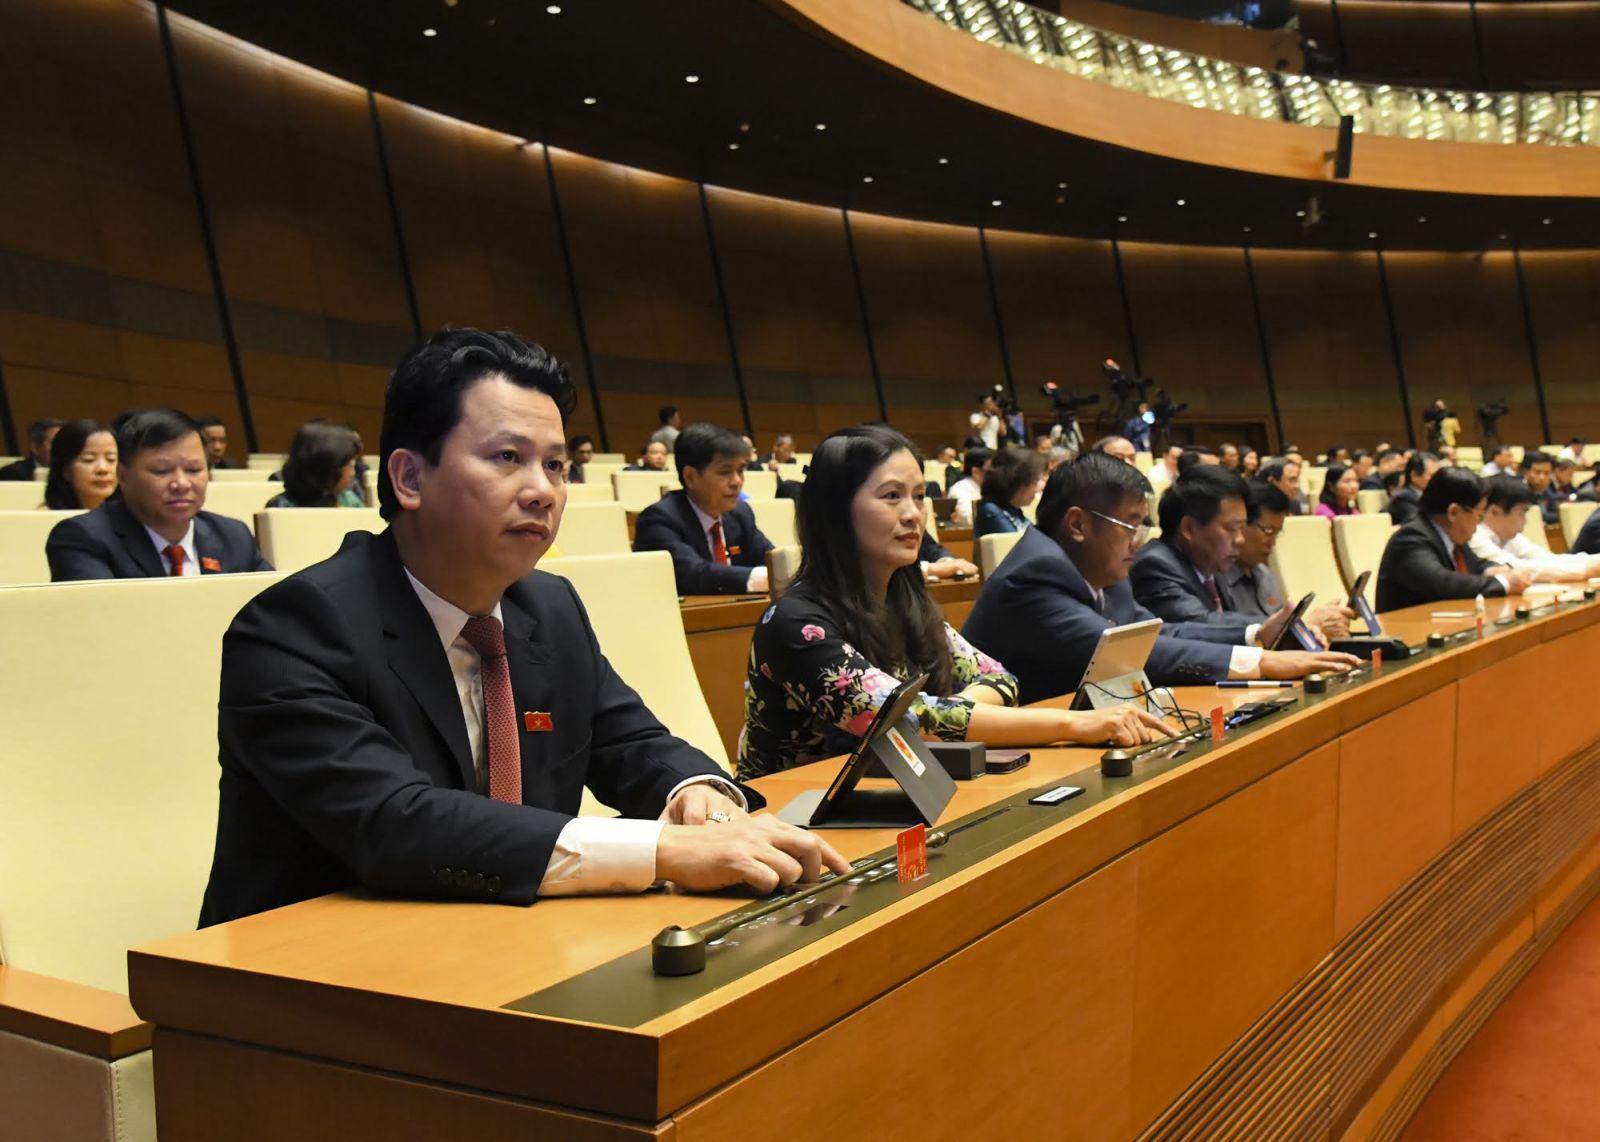 Các đại biểu Quốc hội biểu quyết thông qua Nghị quyết về công tác nhiệm kỳ 2016-2021 của Quốc hội, Chủ tịch nước, Chính phủ, các cơ quan của Quốc hội, Tòa án nhân dân tối cao, Viện kiểm sát nhân dân tối cao, Kiểm toán nhà nước bằng hình thức nhấn nút điện tử.